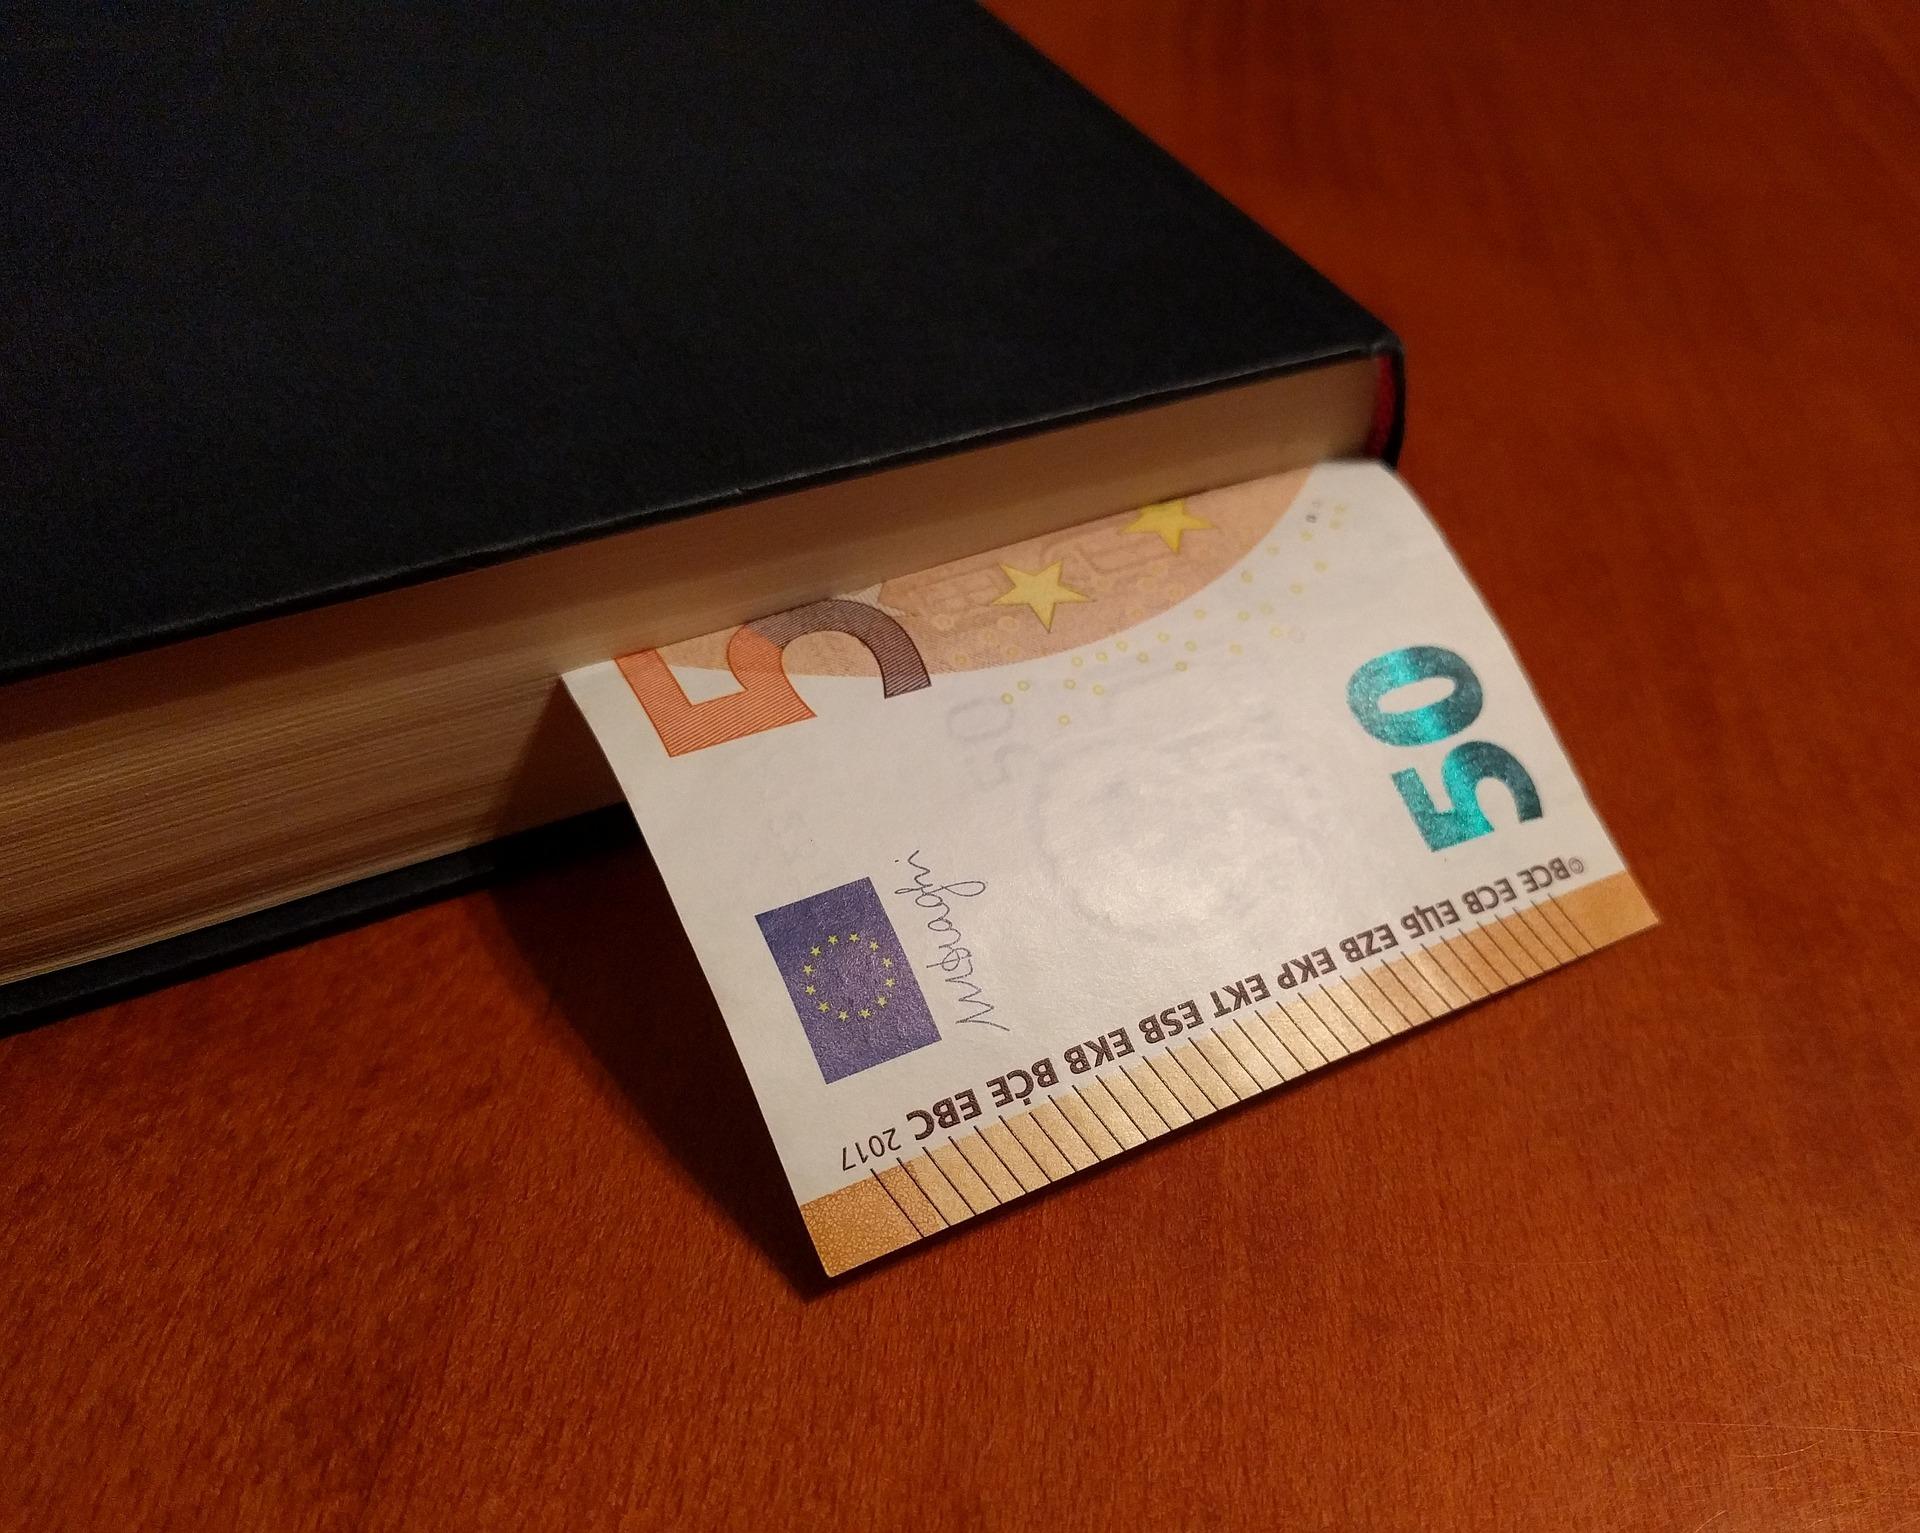 """Featured image for """"Finanzbuch Tipp: Das kleine Handbuch des vernünftigen Investierens"""""""